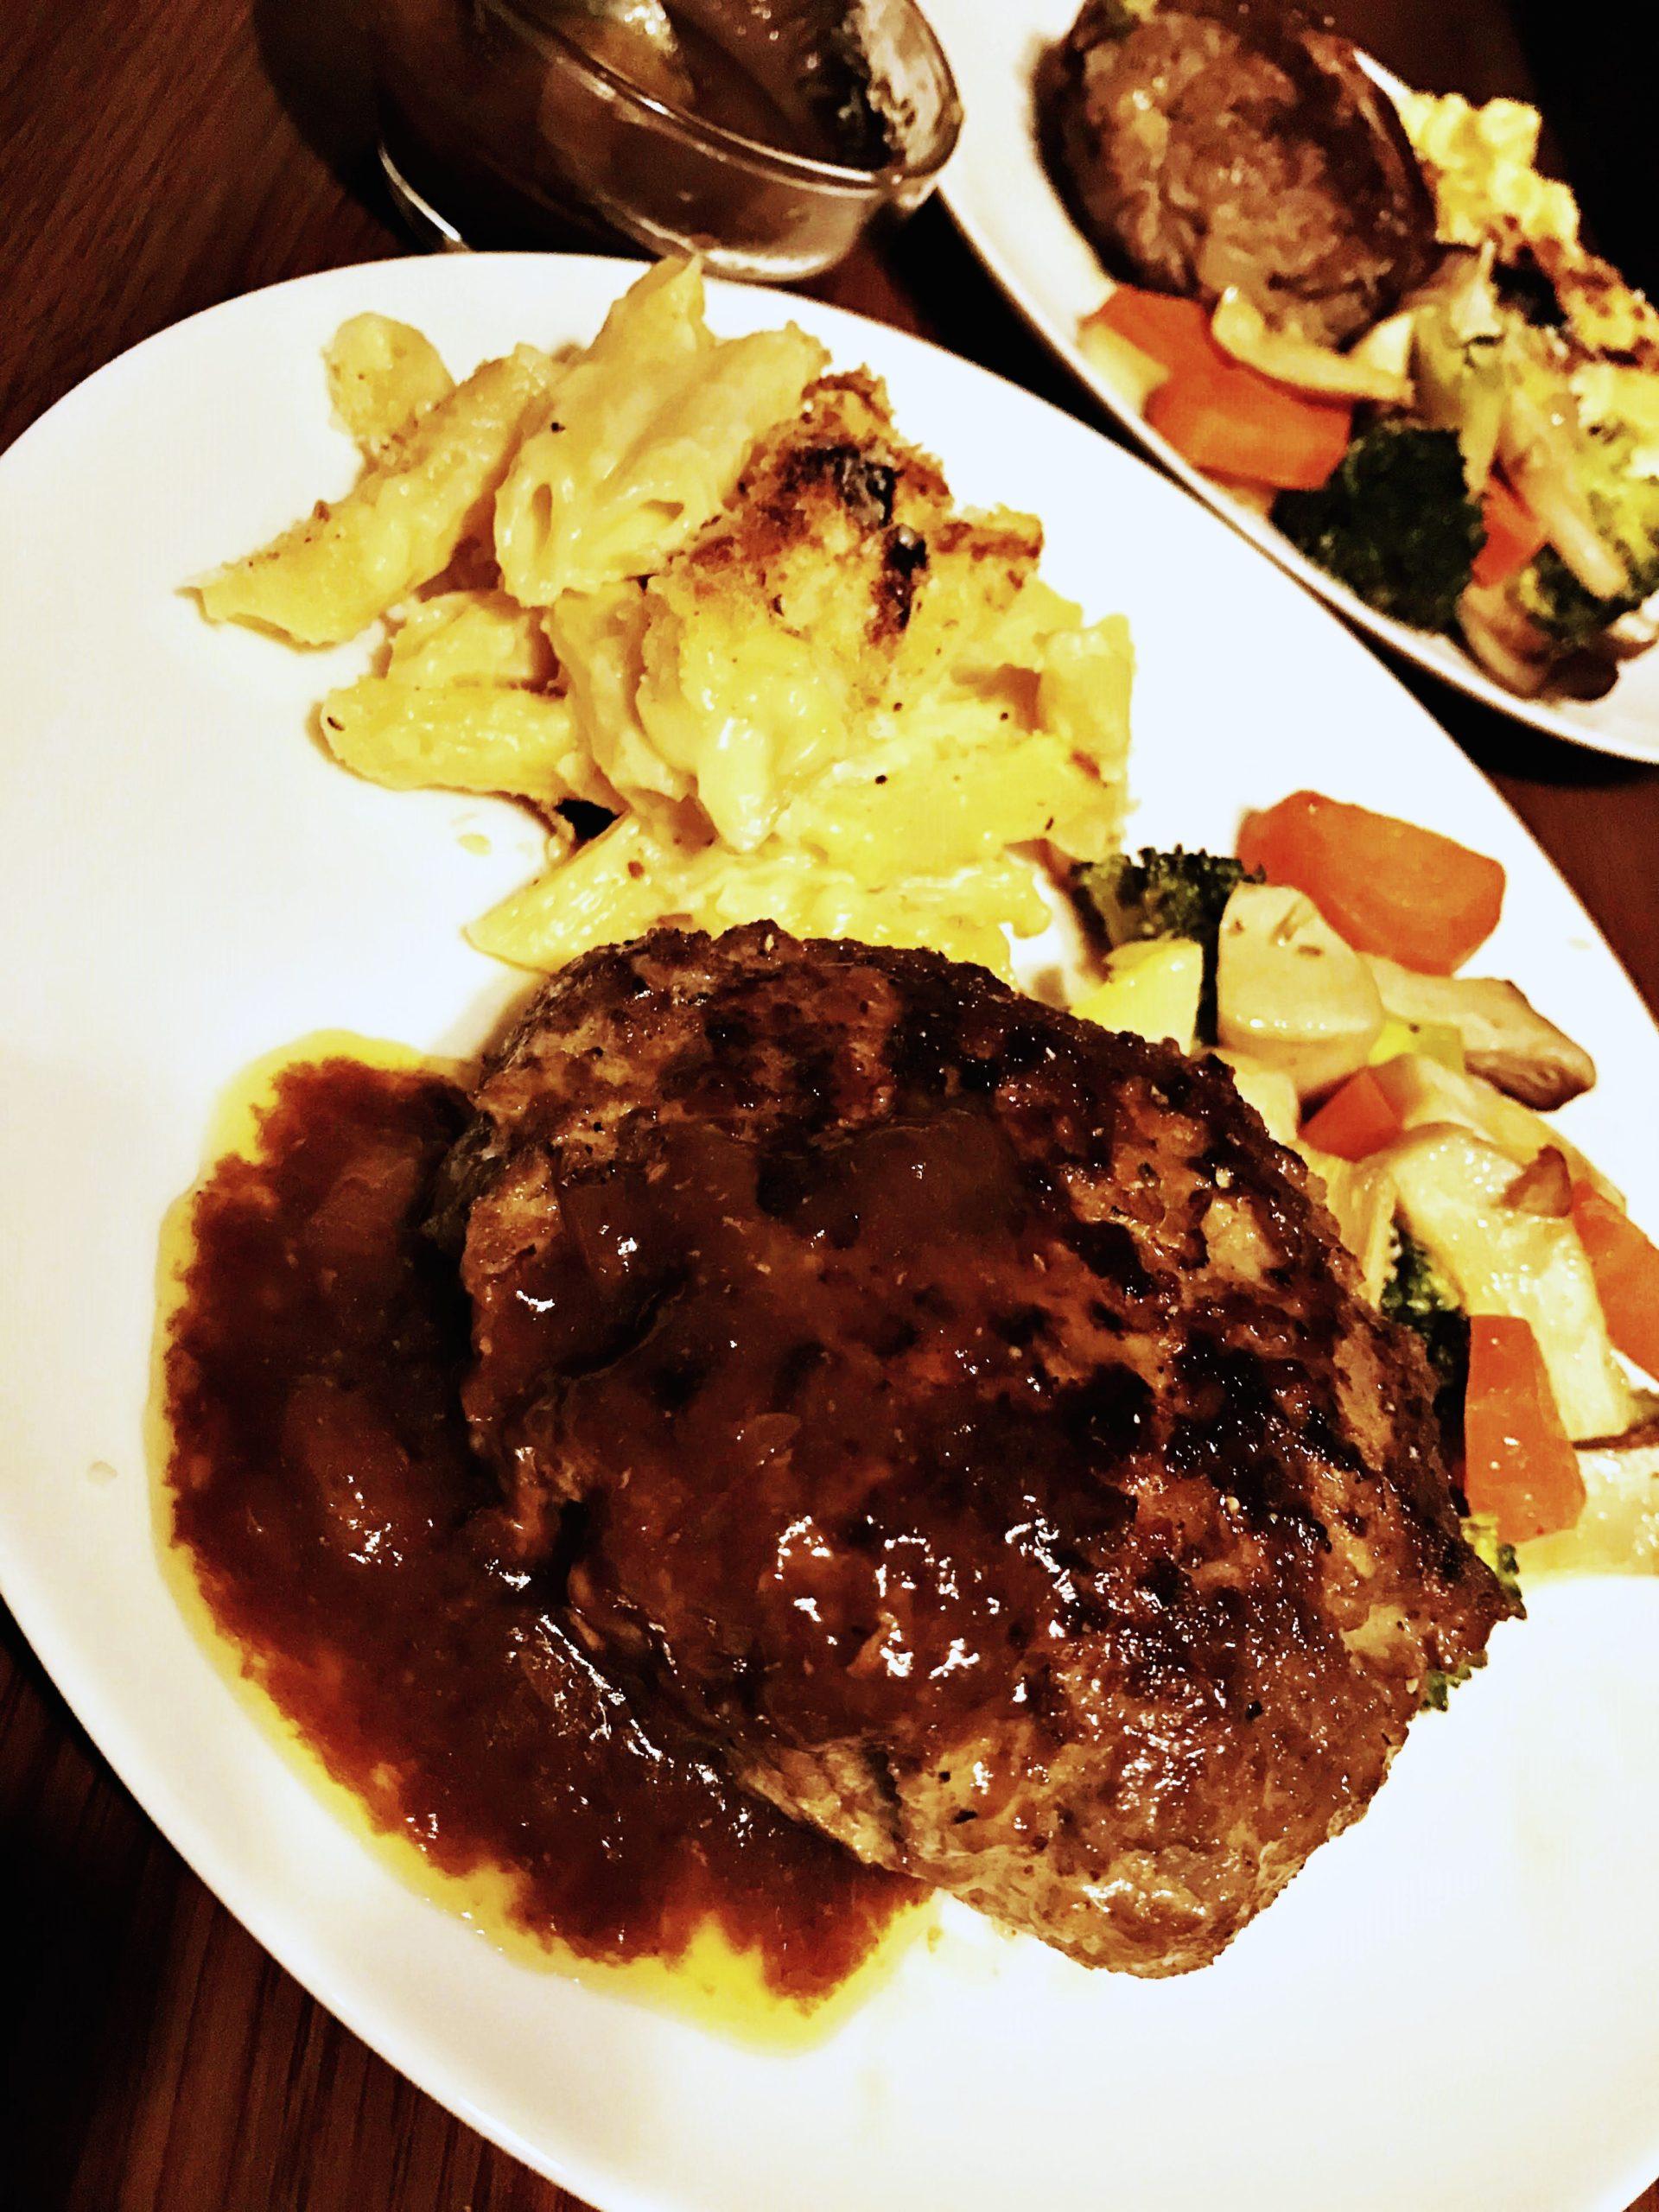 The Thickest Hamburger Steak